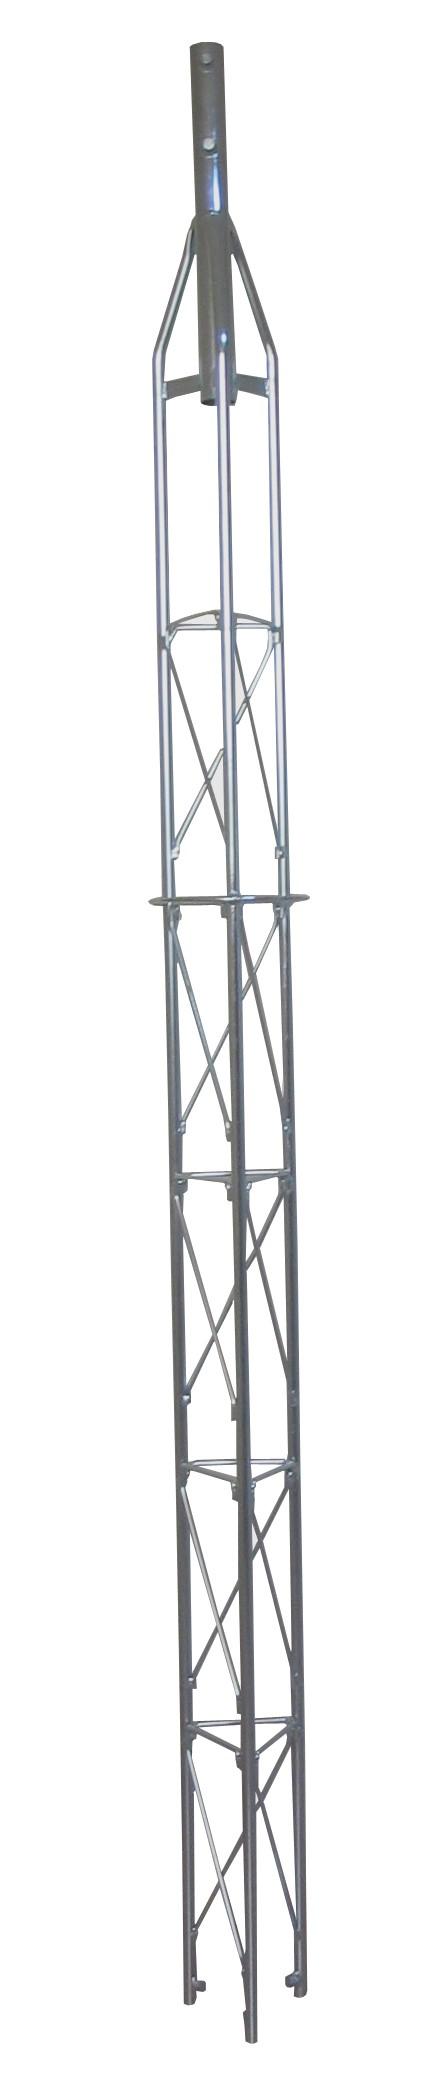 FTE TFT180/2 Tower Top Part 2.5m